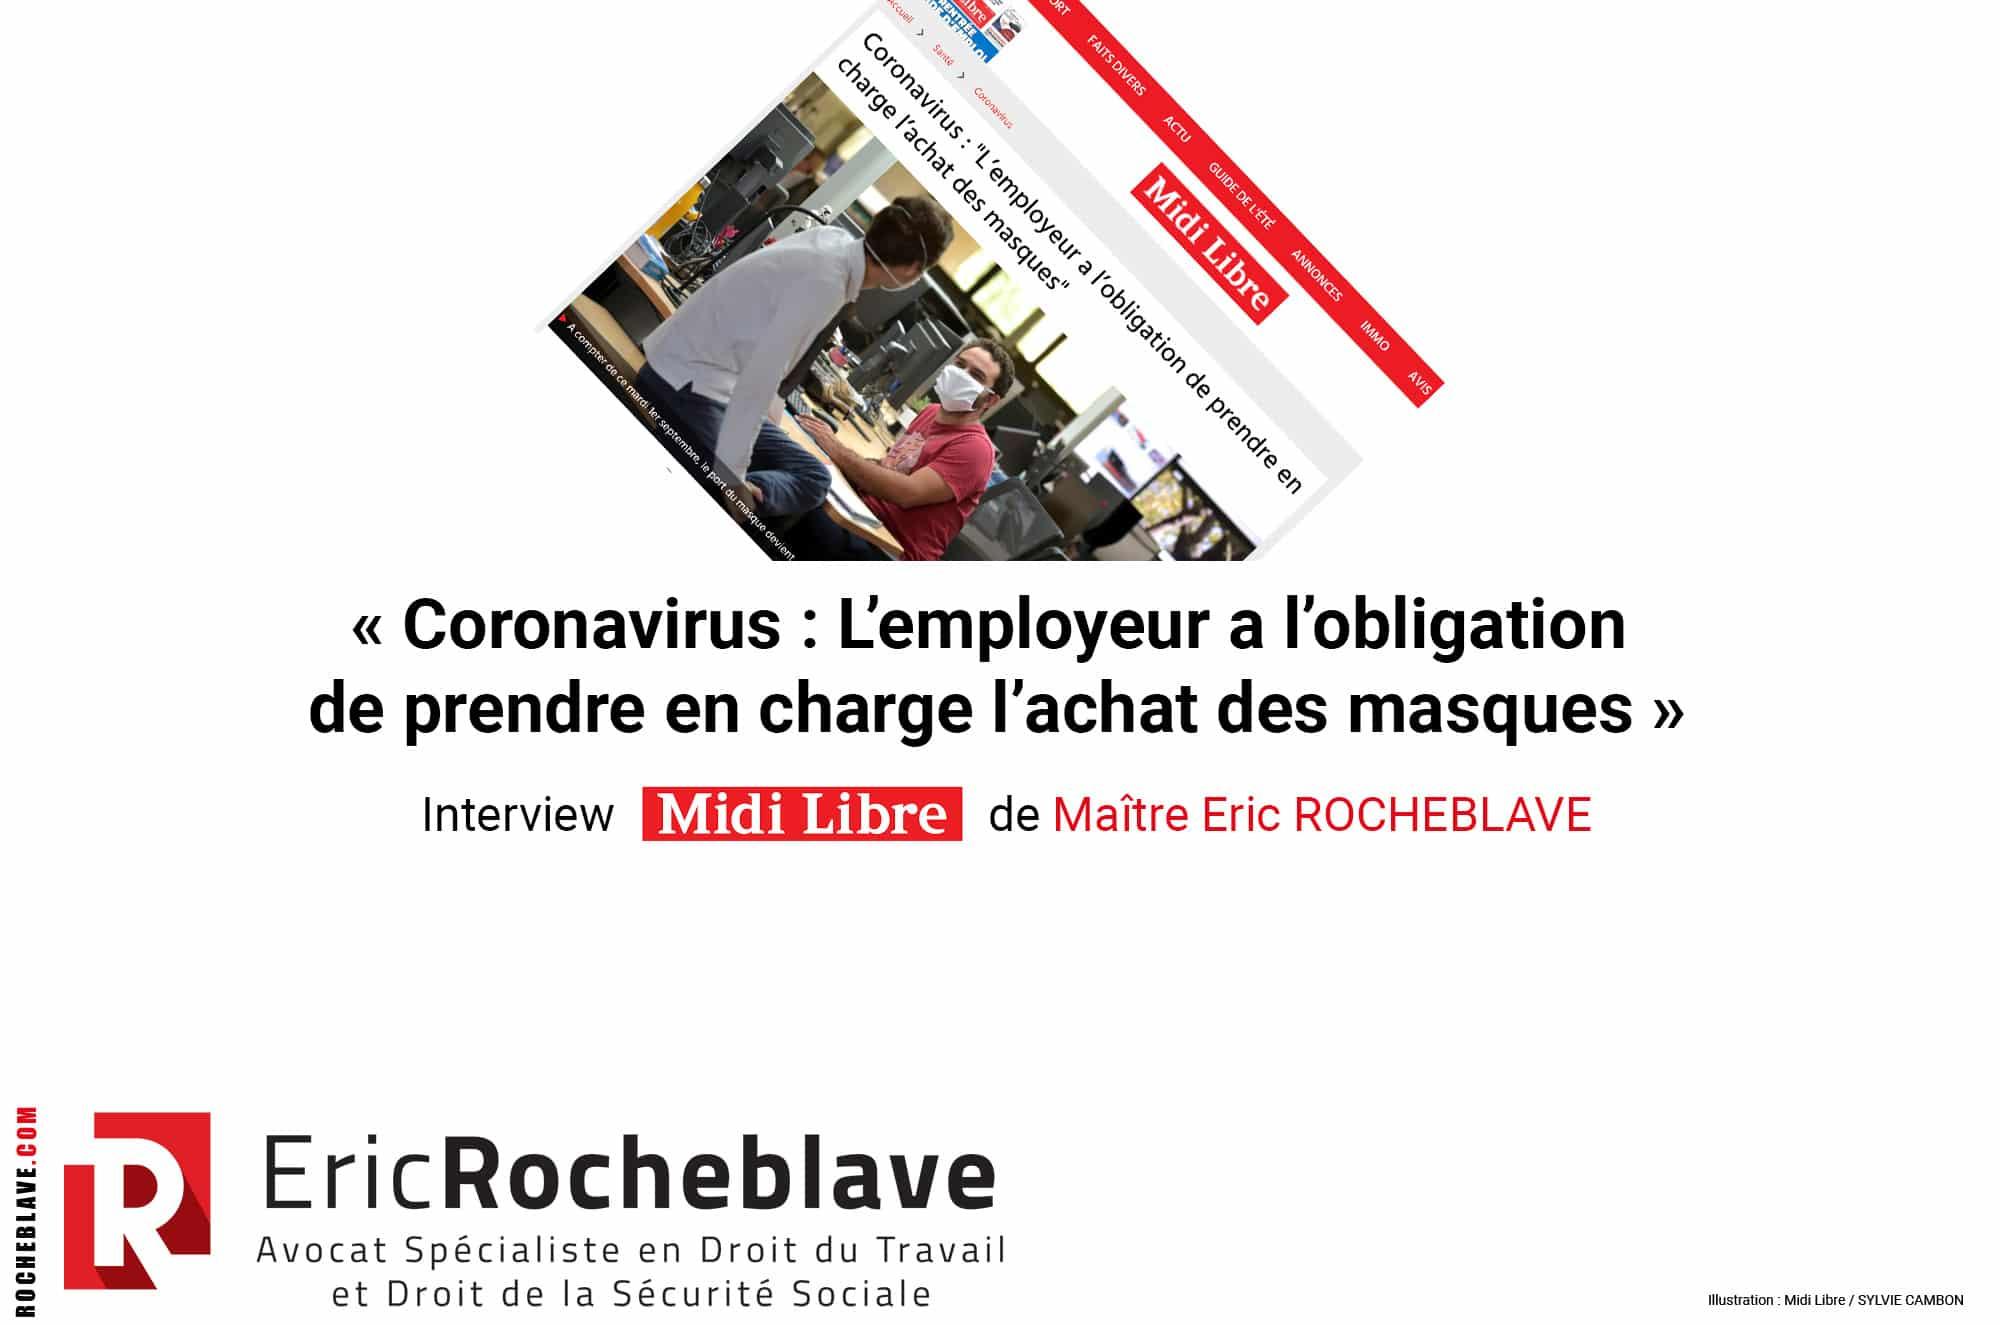 « Coronavirus : L'employeur a l'obligation de prendre en charge l'achat des masques » Interview Midi Libre de Maître Eric ROCHEBLAVE